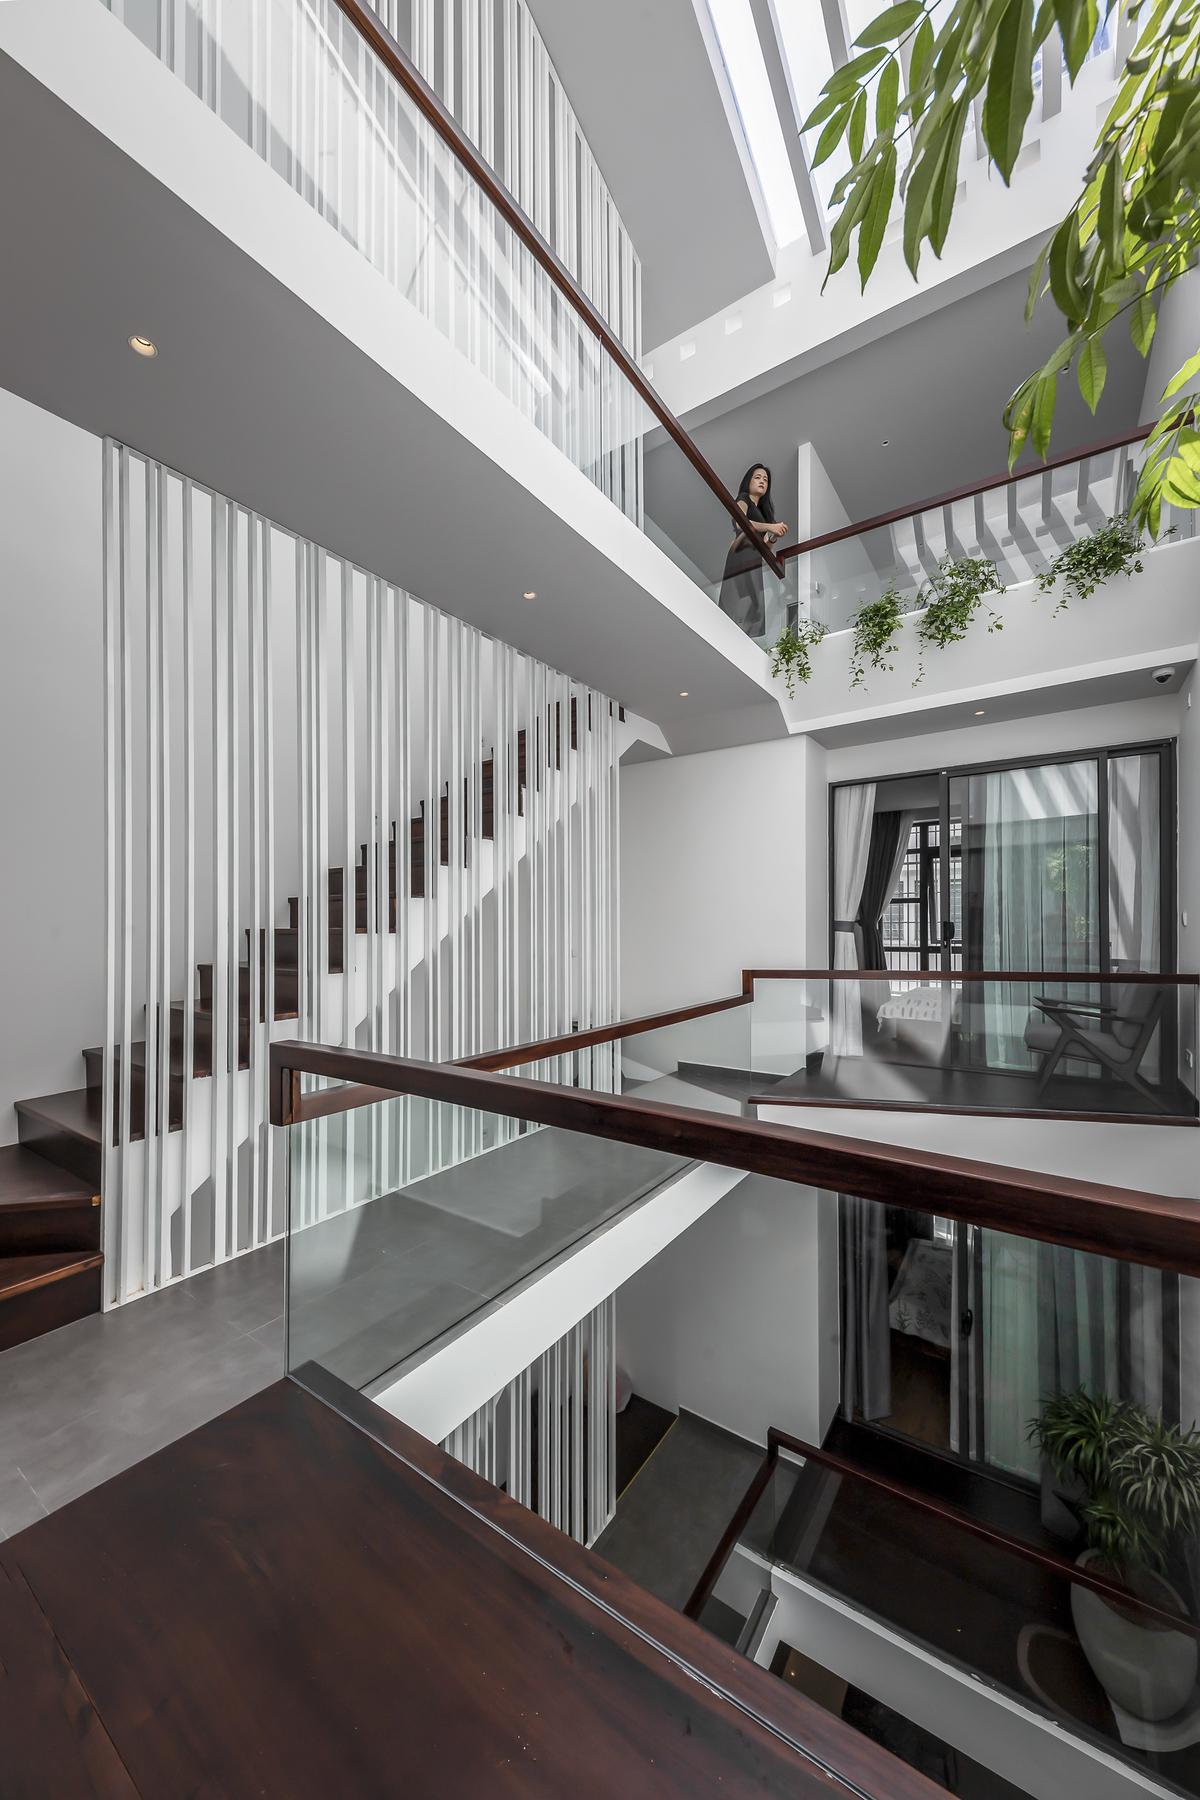 01 2 - NGỌC House - Chất keo gắn kết gia đình đa hệ  Story Architecture